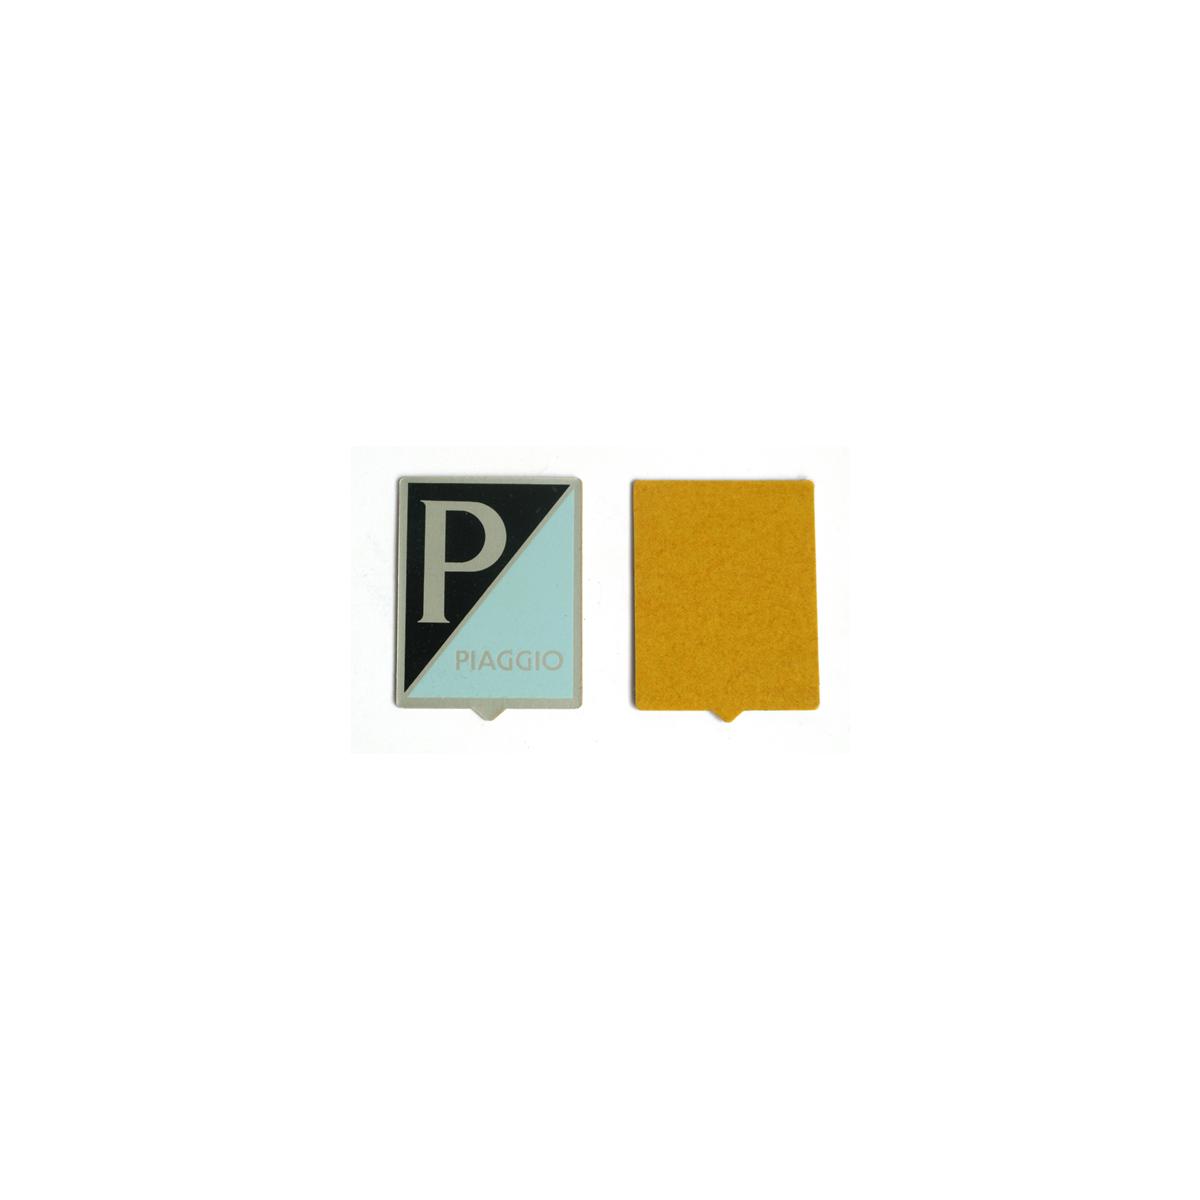 Scudetto stemma PIAGGIO grande in allumino adesivo per VESPA 125 150